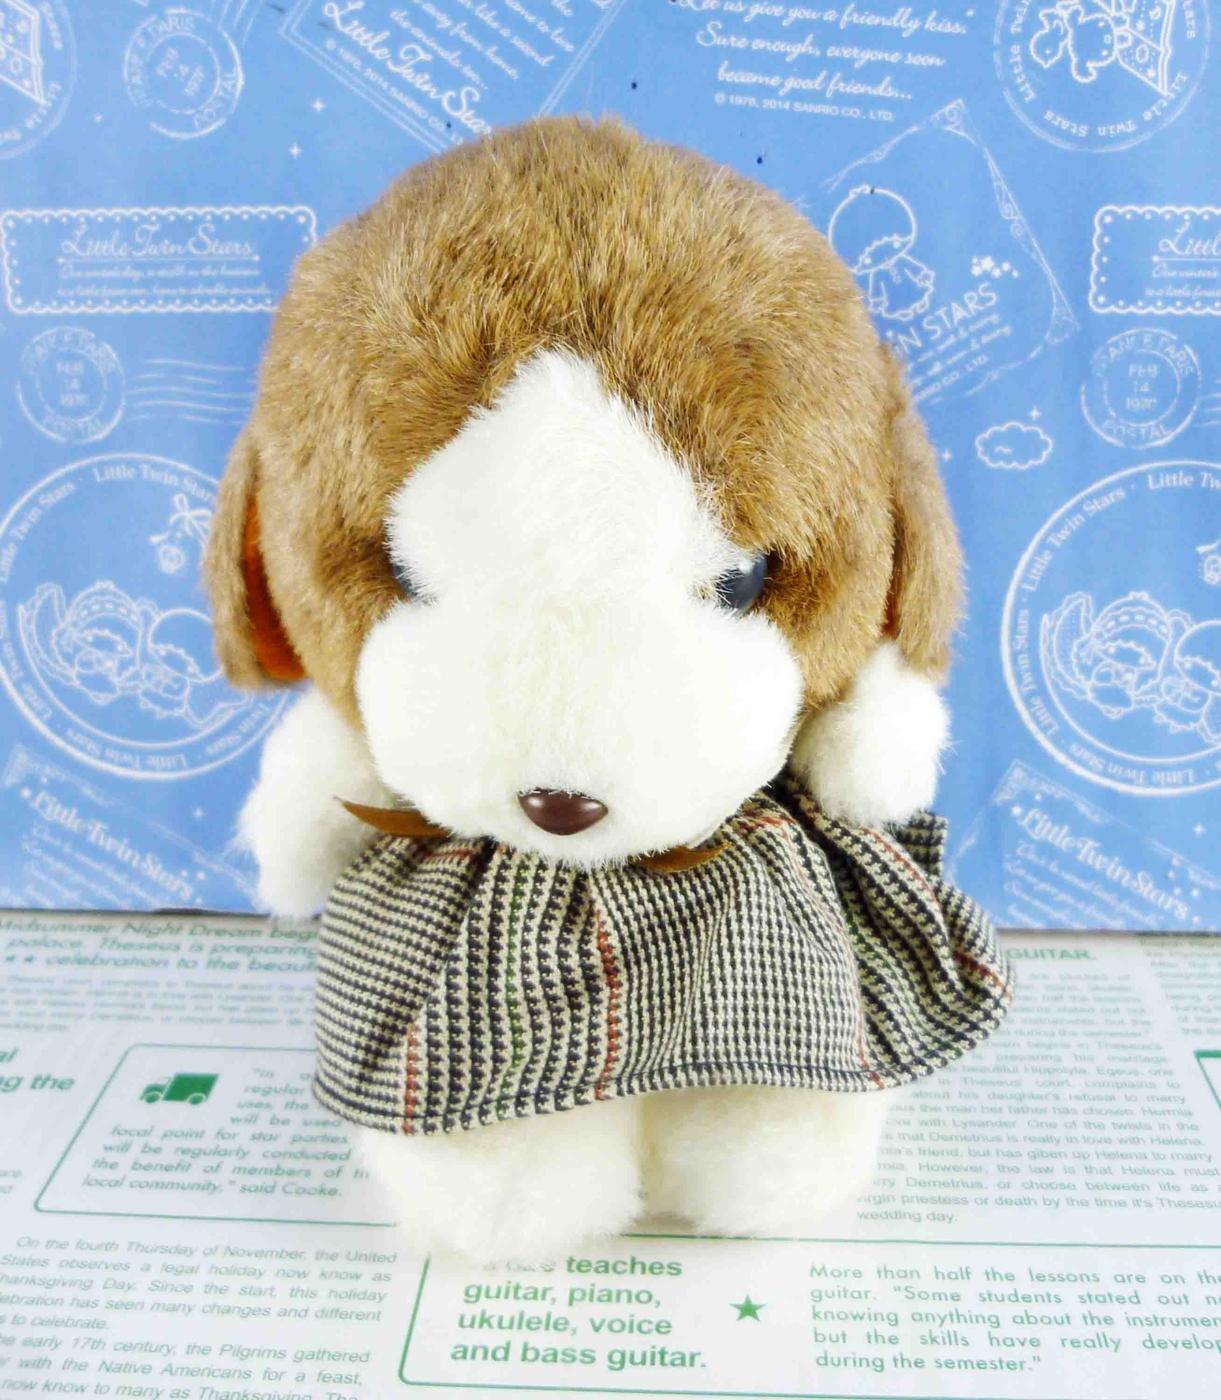 震撼精品百貨日本日式精品狗DOG~絨毛玩偶-咖啡色耳朵-小格裙